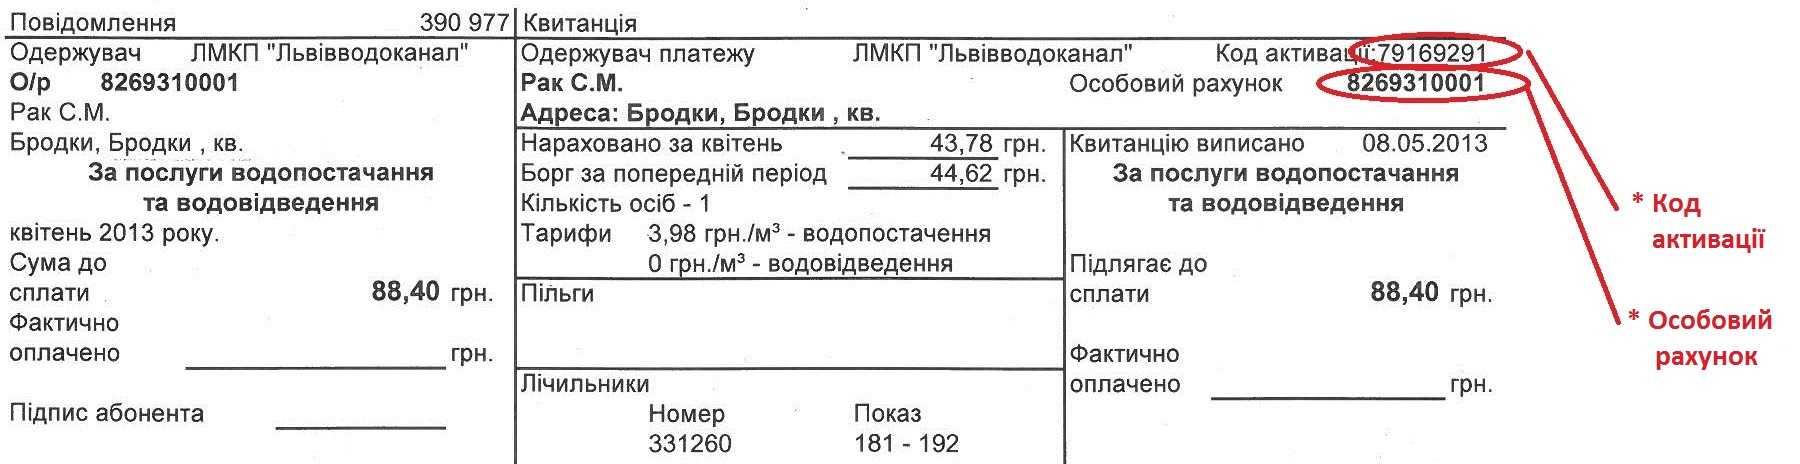 kvitanciya Lvovodokanal - Львовводоканал. Как зарегистрироваться в личном кабинете.